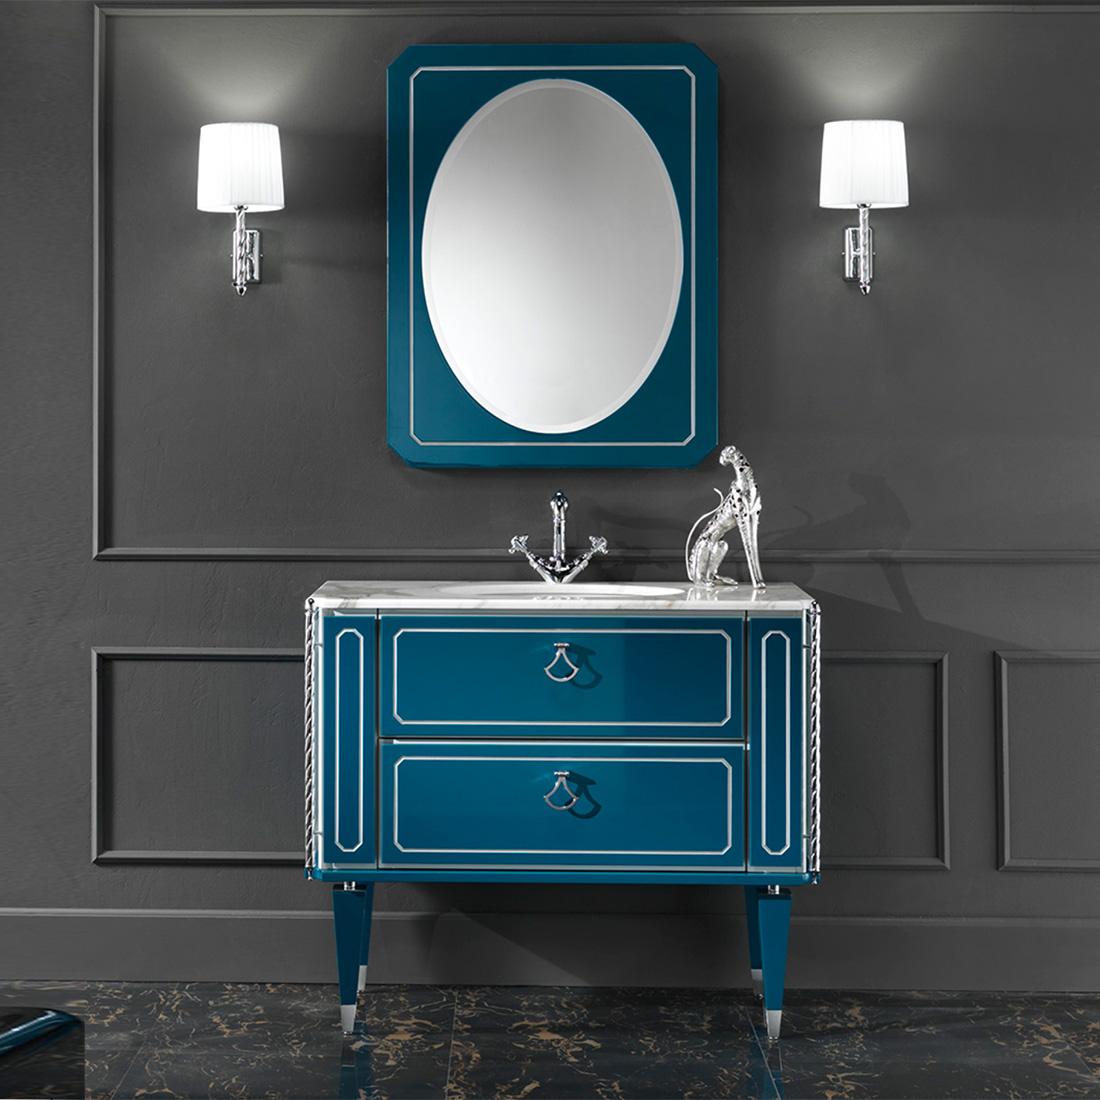 mia italia petit 07 🏷️ 36 inch unique bathroom vanity color matte blue